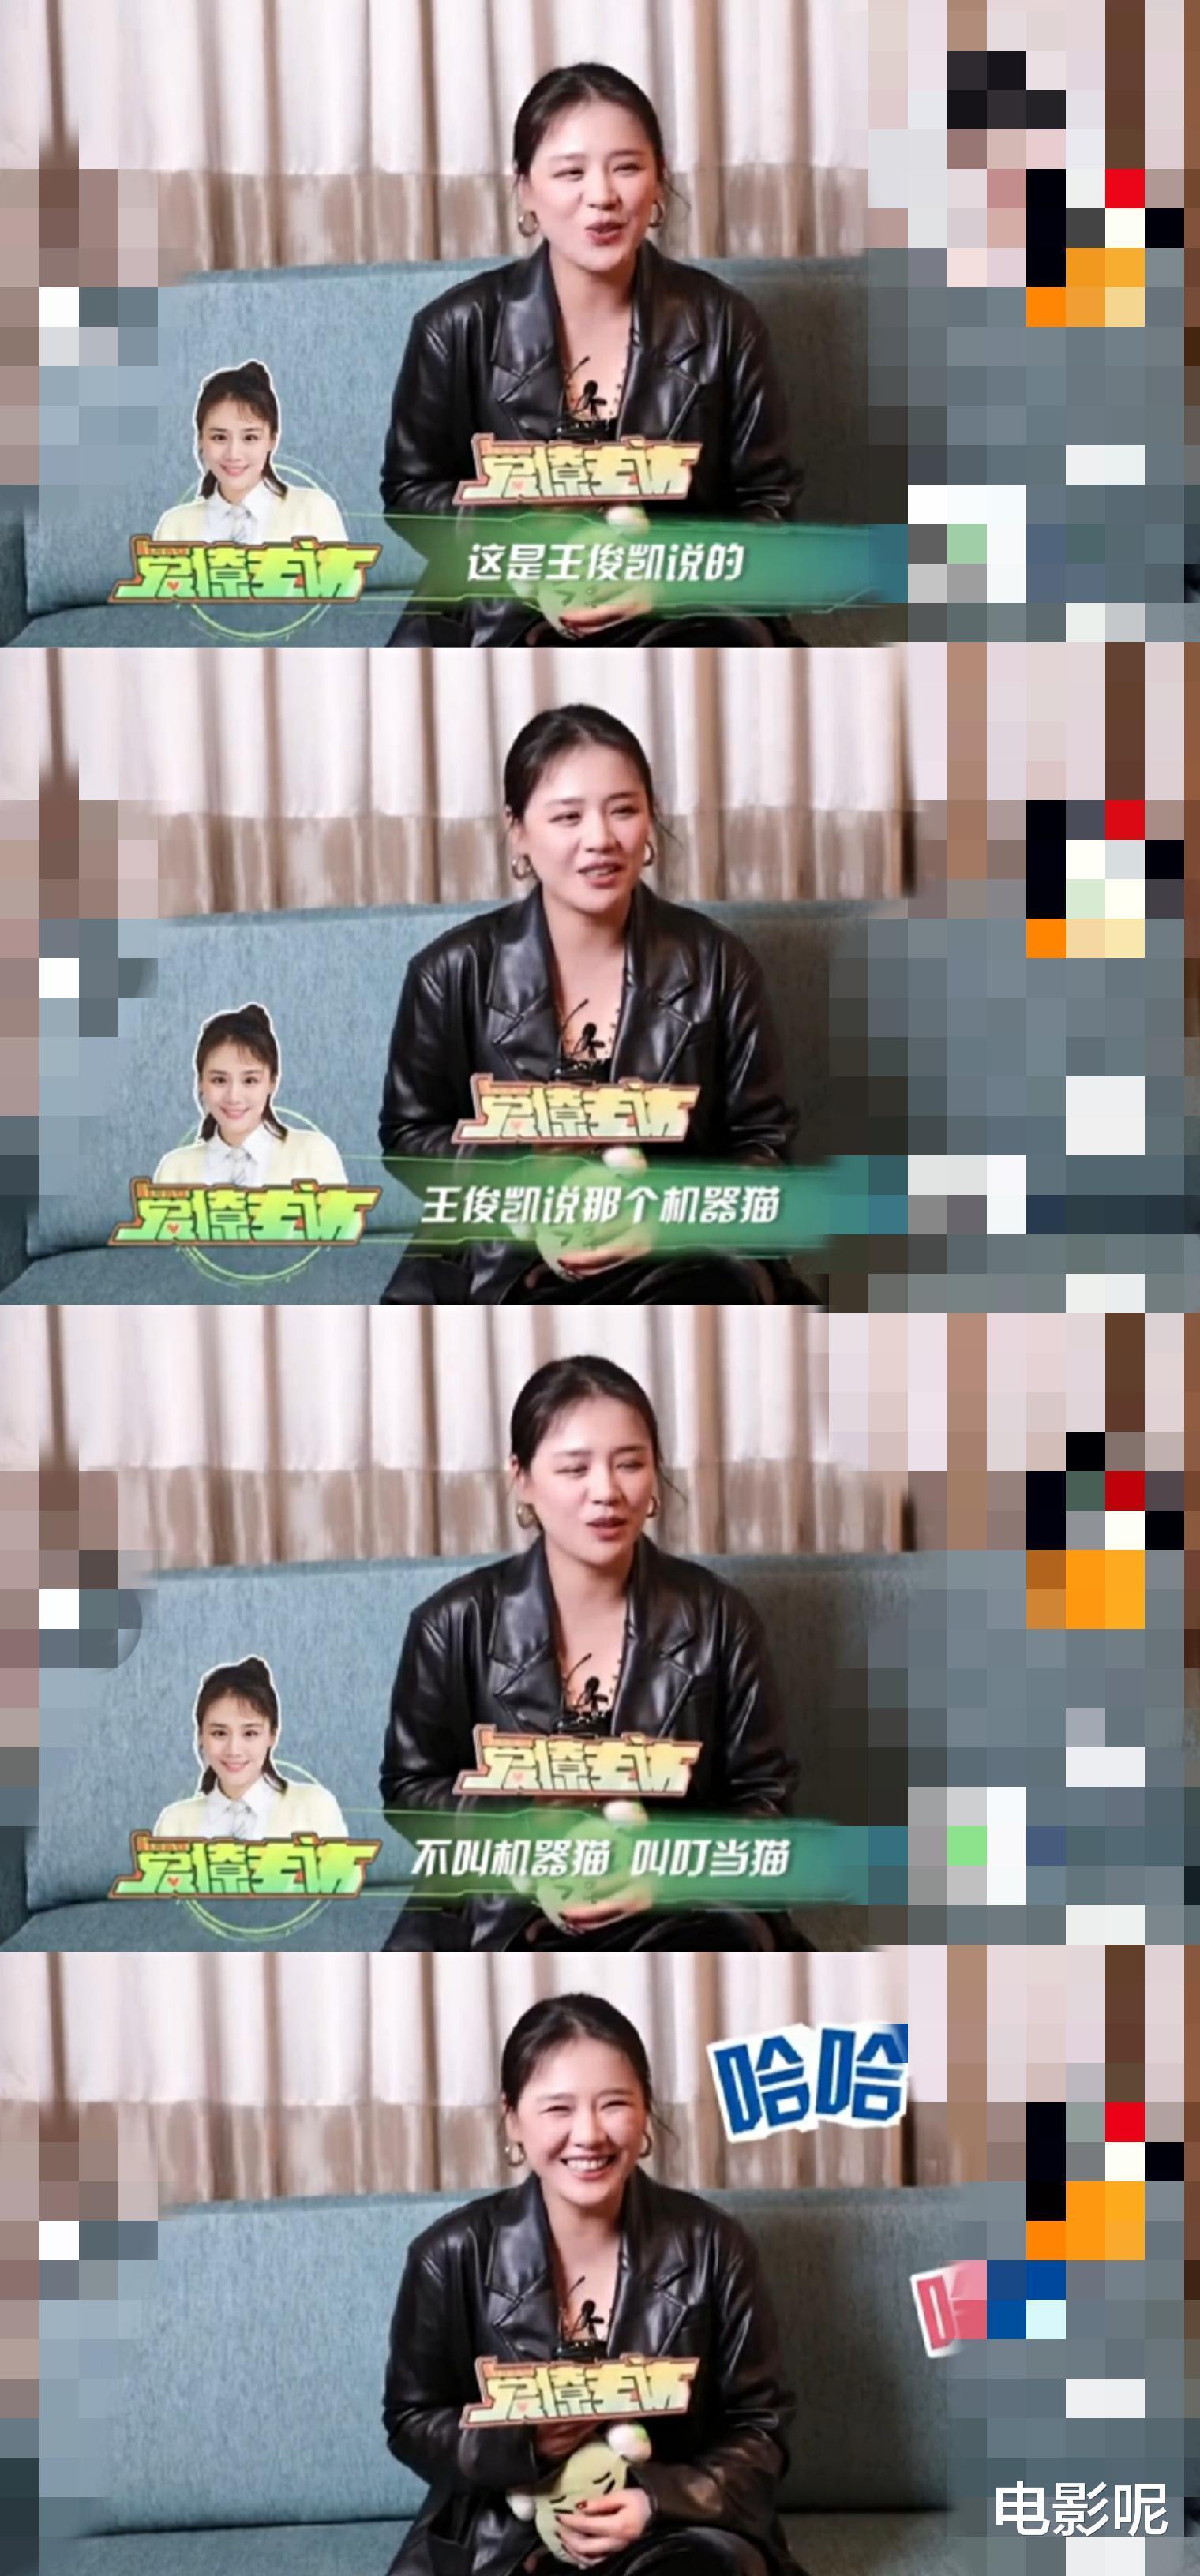 马思纯和王俊凯发糖了!马思纯采访模仿王俊凯,笑得特别开心!